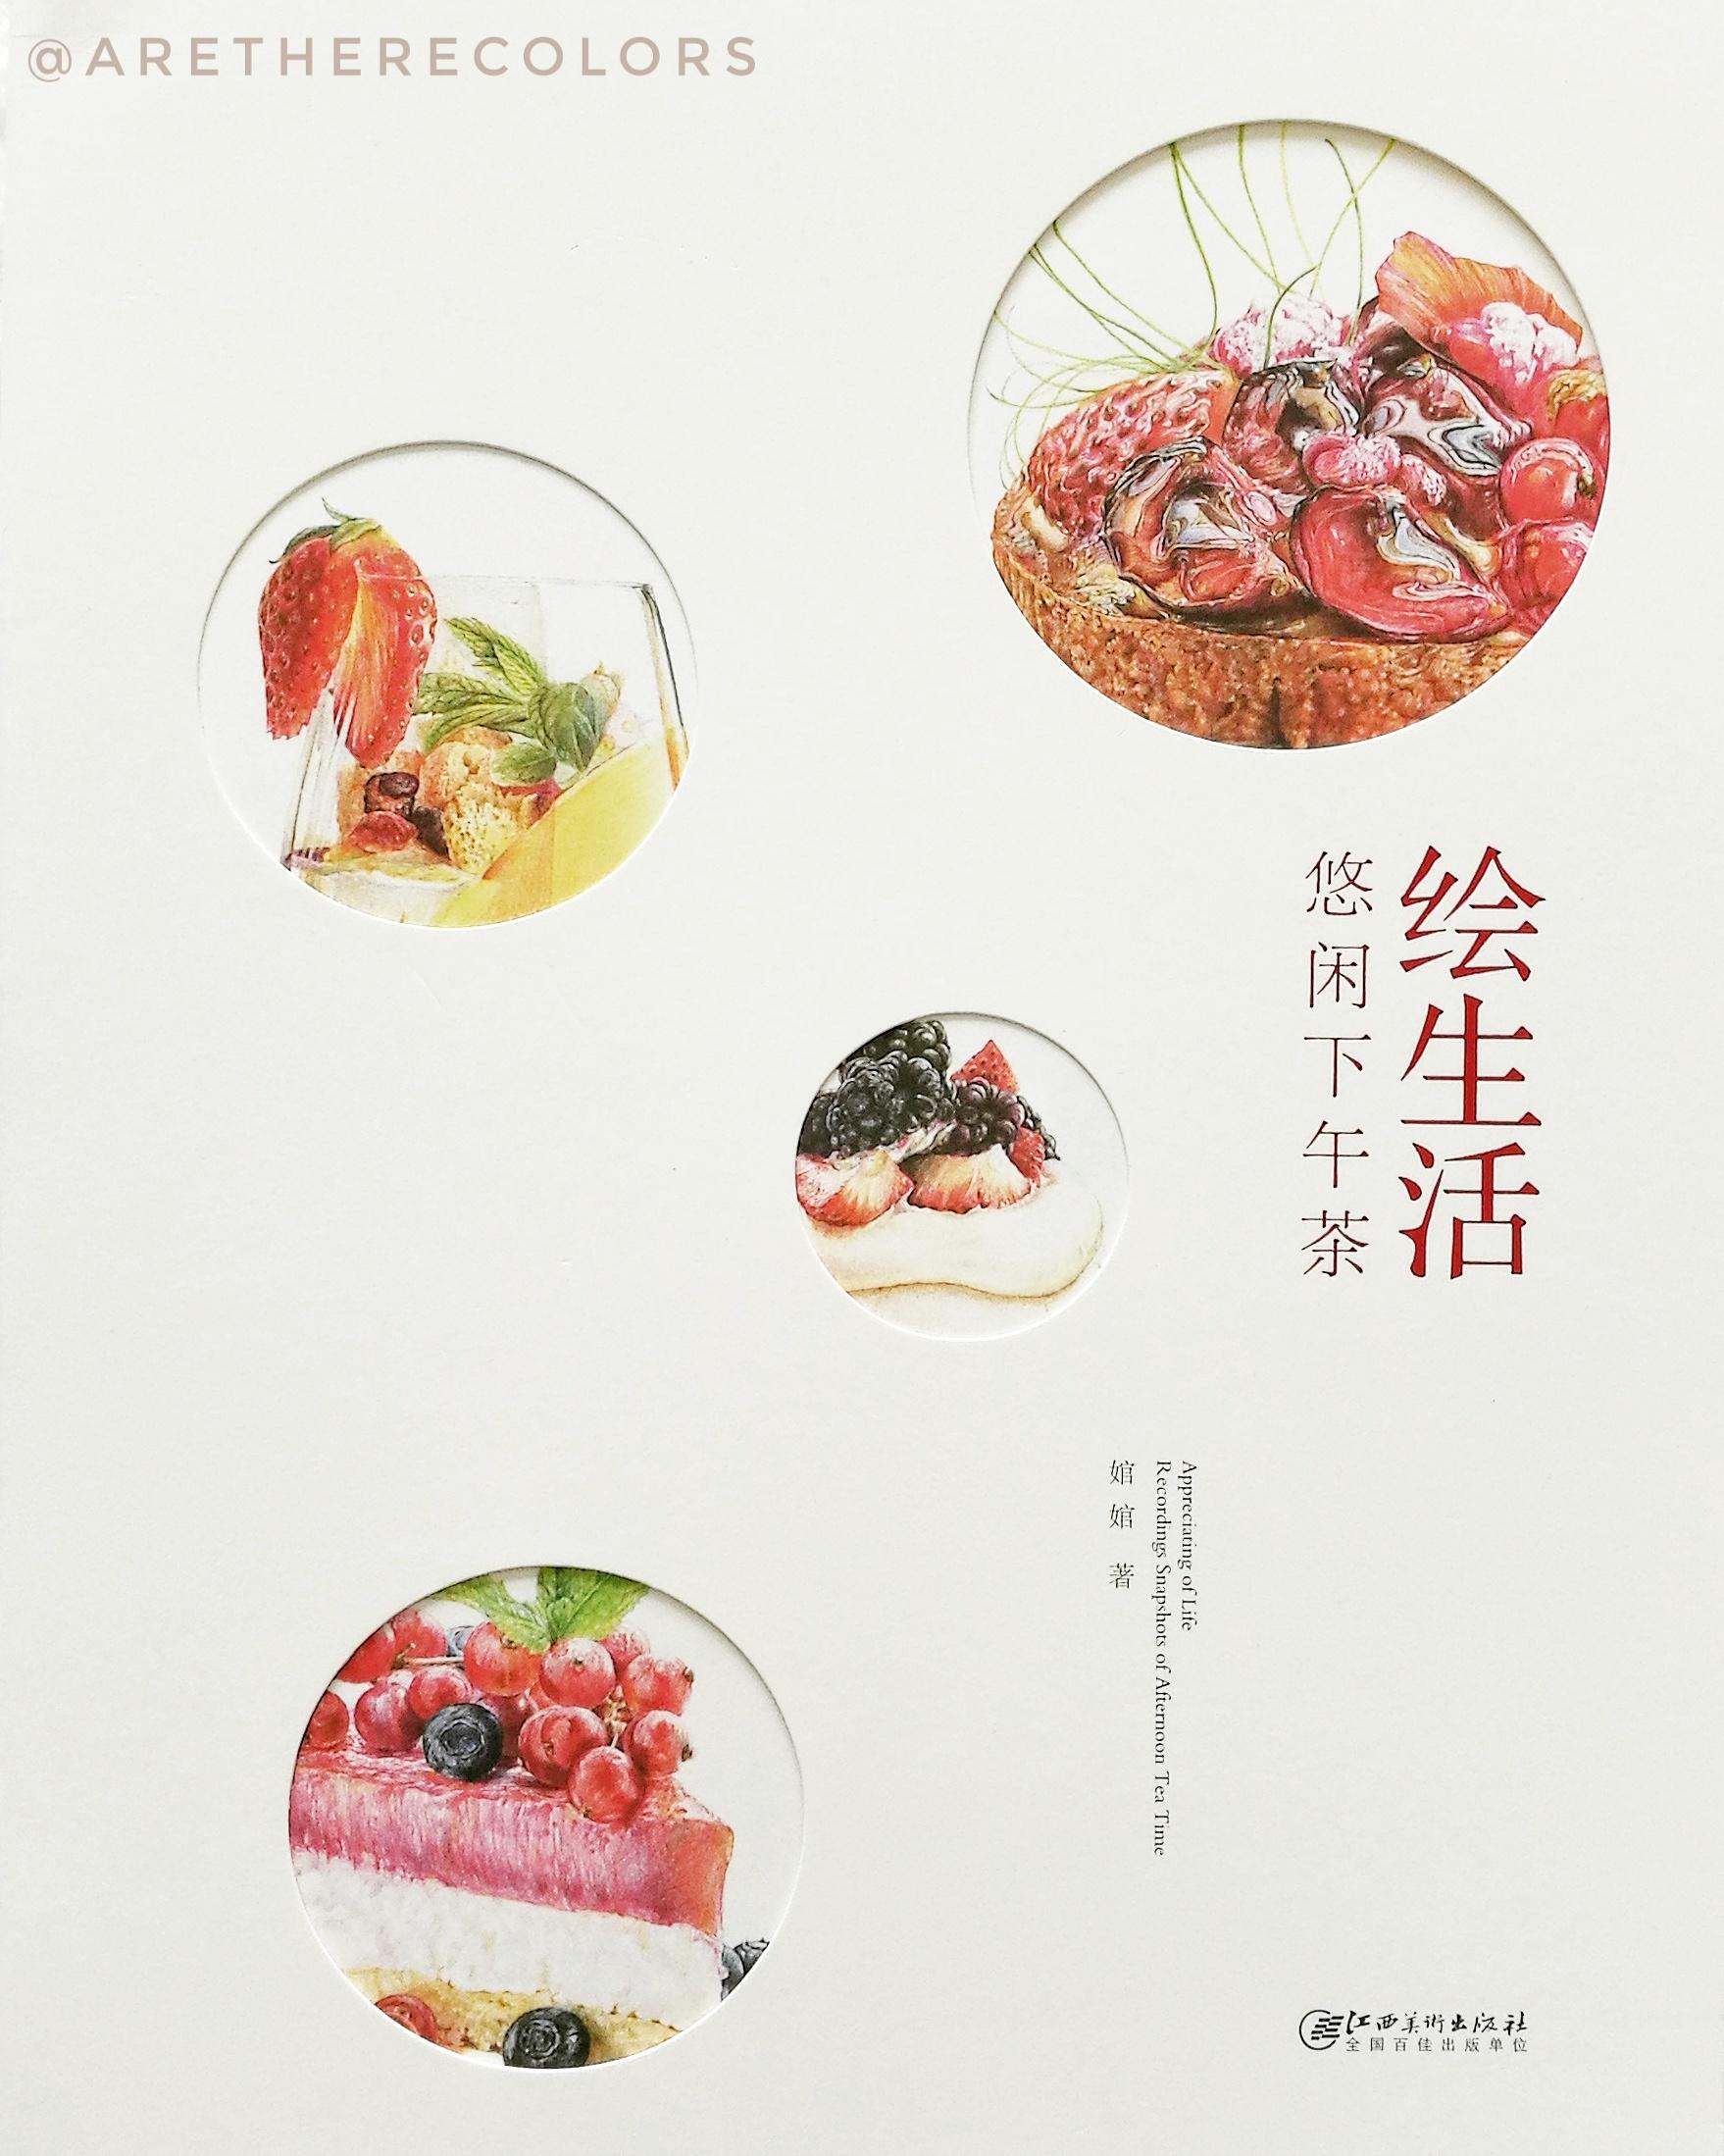 (พร้อมส่ง) หนังสือสอนวาดรูประบายสีไม้ ของคาวหวาน ปกเก๋ เย็บกี่ แบบน่ารัก ภาพสีทั้งเล่ม